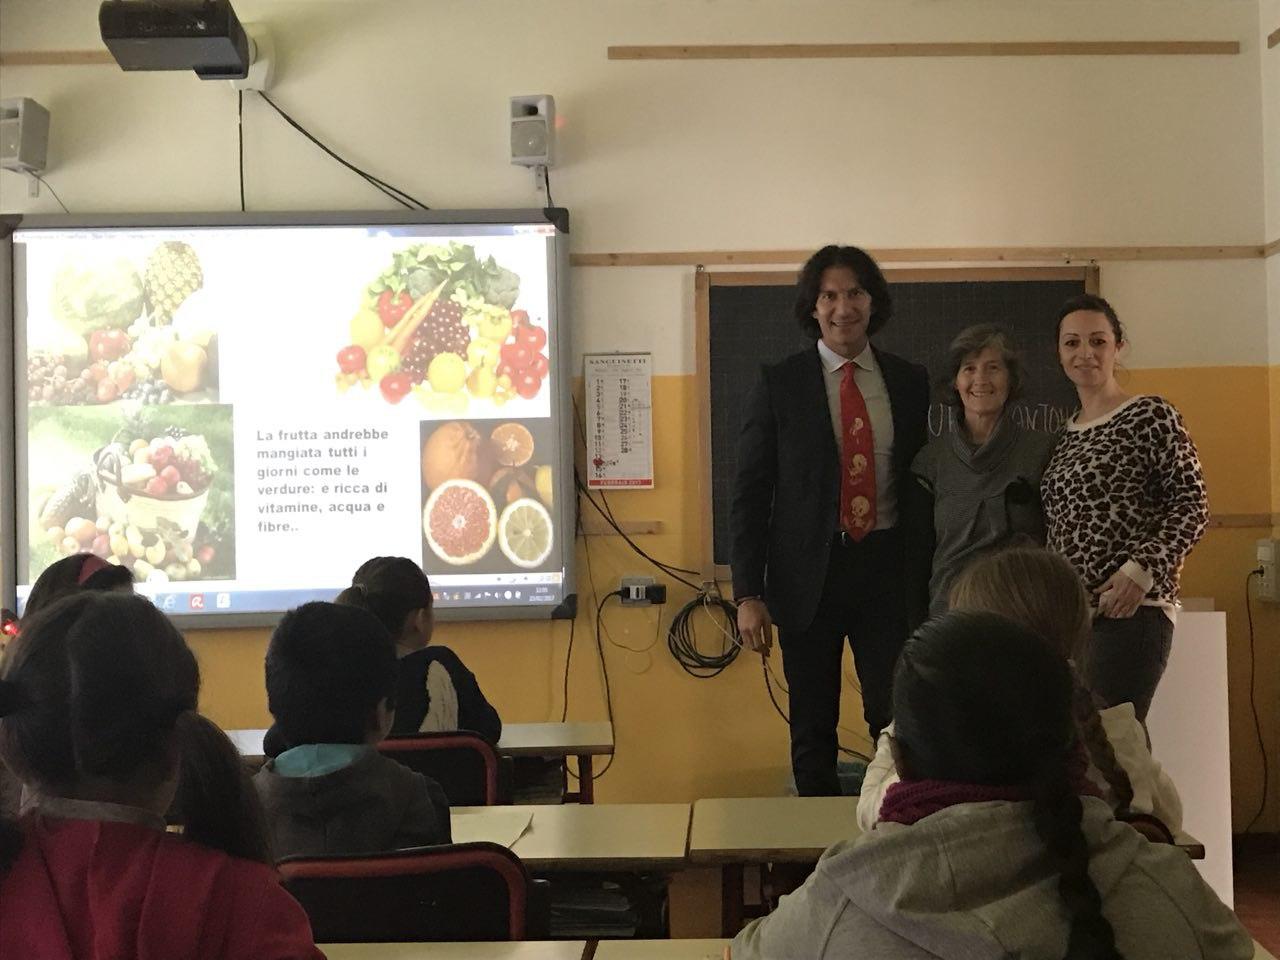 Intervento formativo di Educazione Alimentare in una scuola elementare di Milano